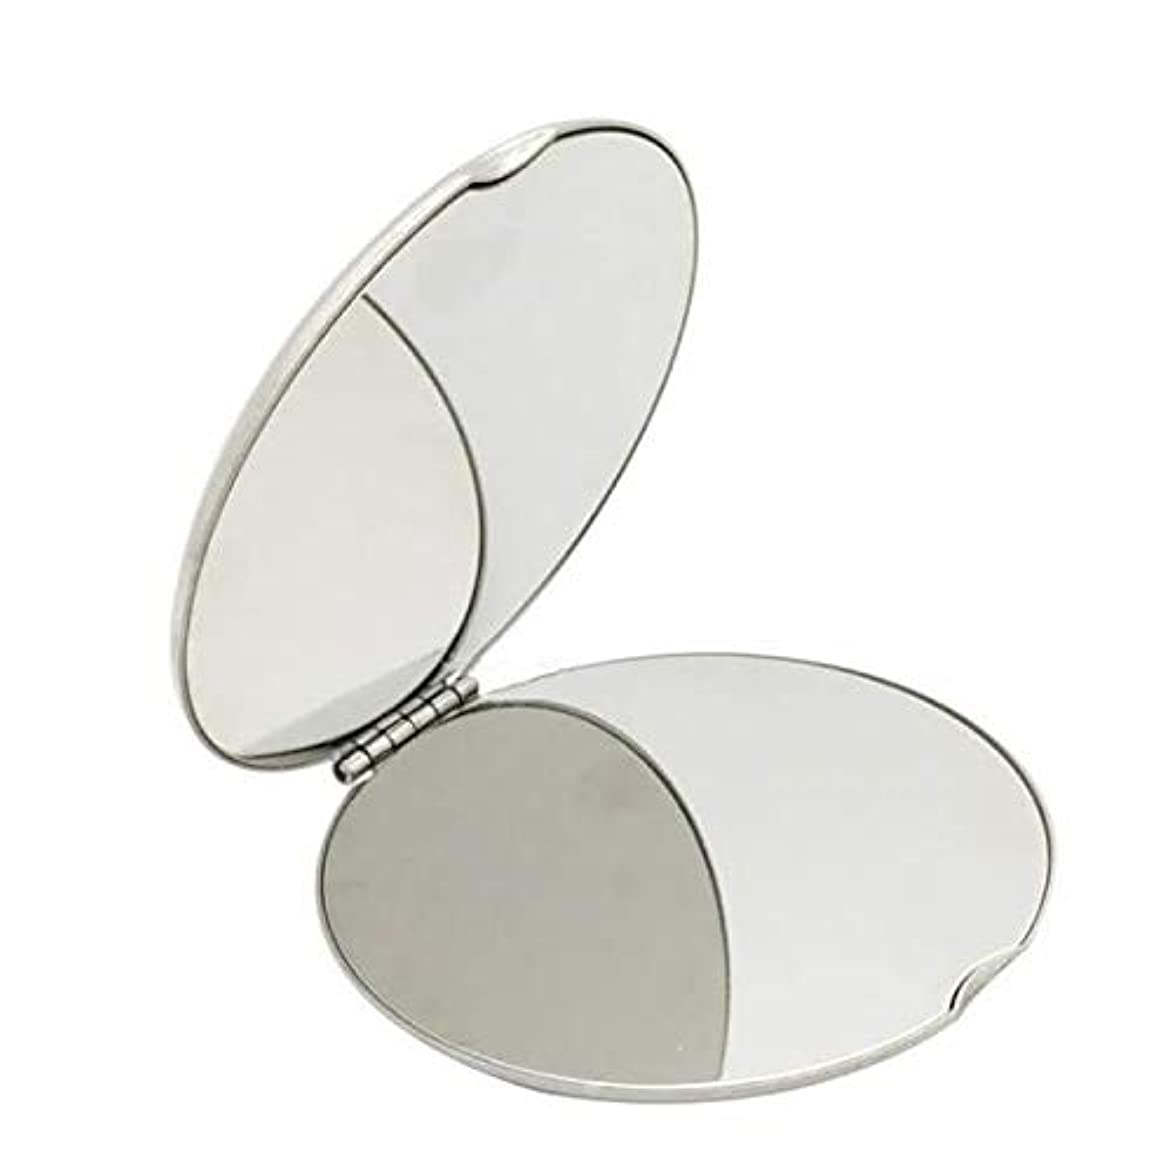 下線有効化スクラップ飛散防止化粧鏡ステンレス鋼 化粧鏡おすすめ 携帯用ミラー化粧用鏡(ラウンド)